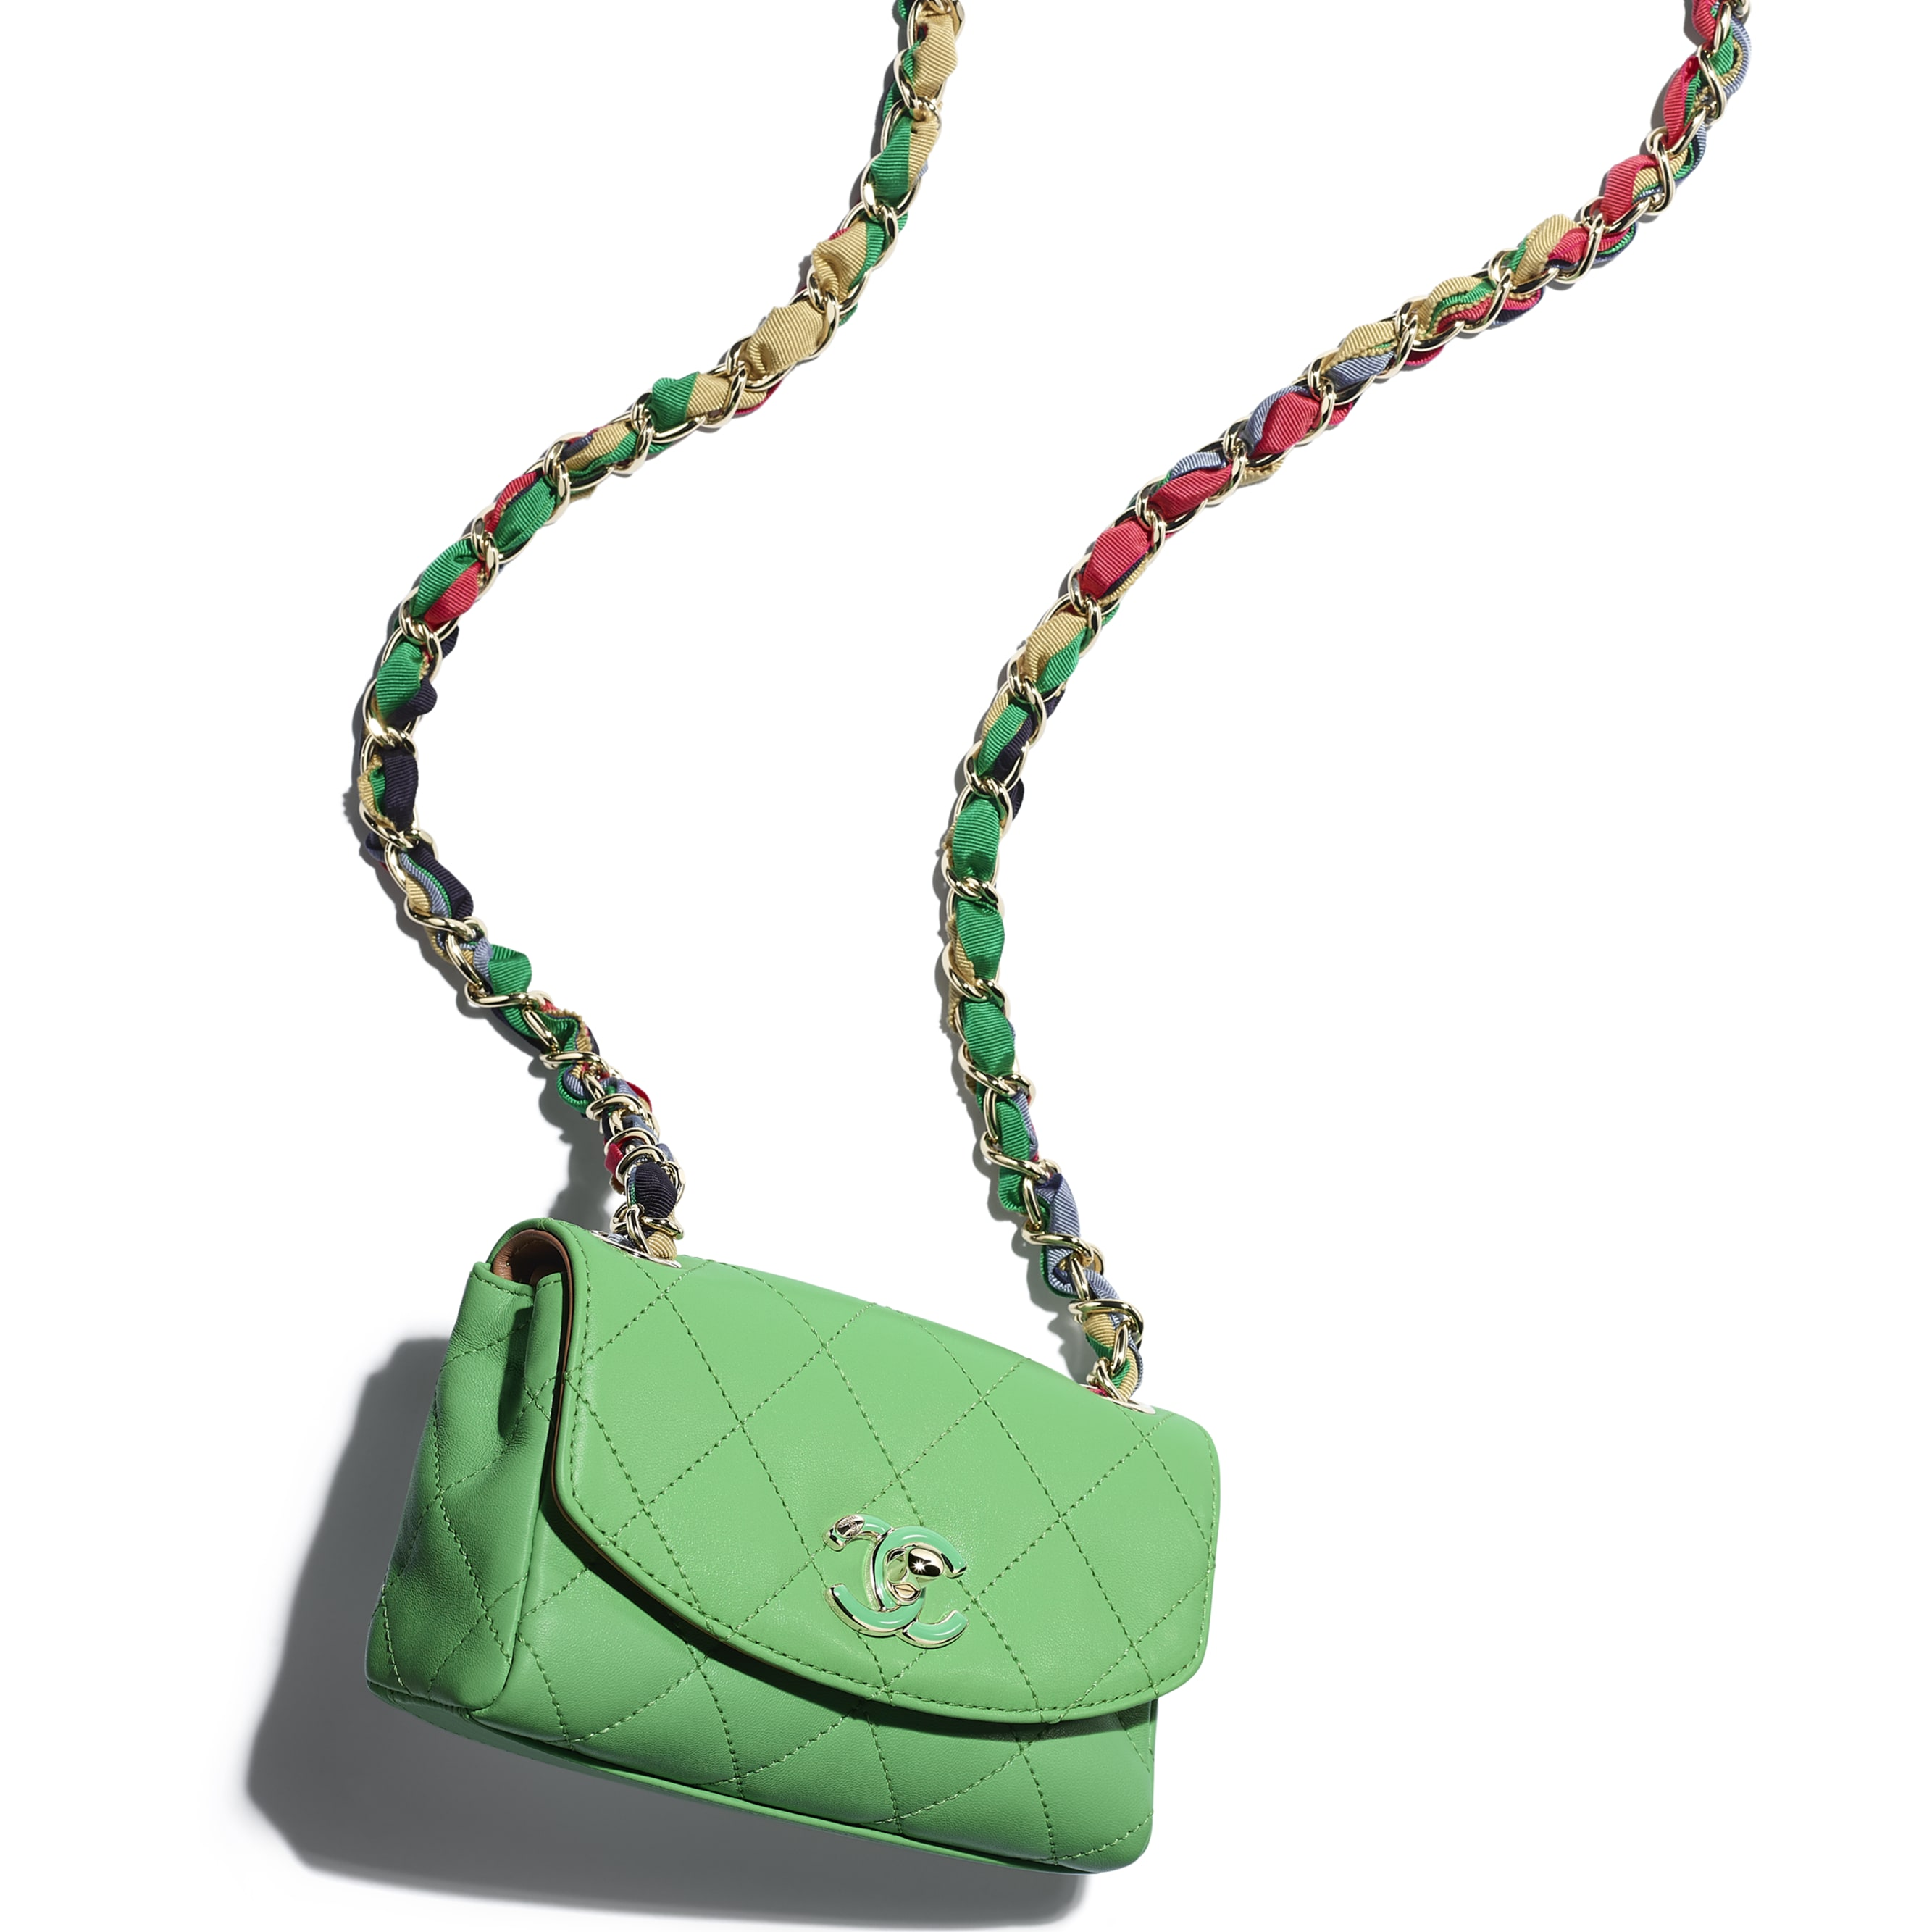 細號垂蓋手袋 - 綠色 - 小羊皮、混合纖維及金色金屬 - CHANEL - 額外視圖 - 查看標準尺寸版本